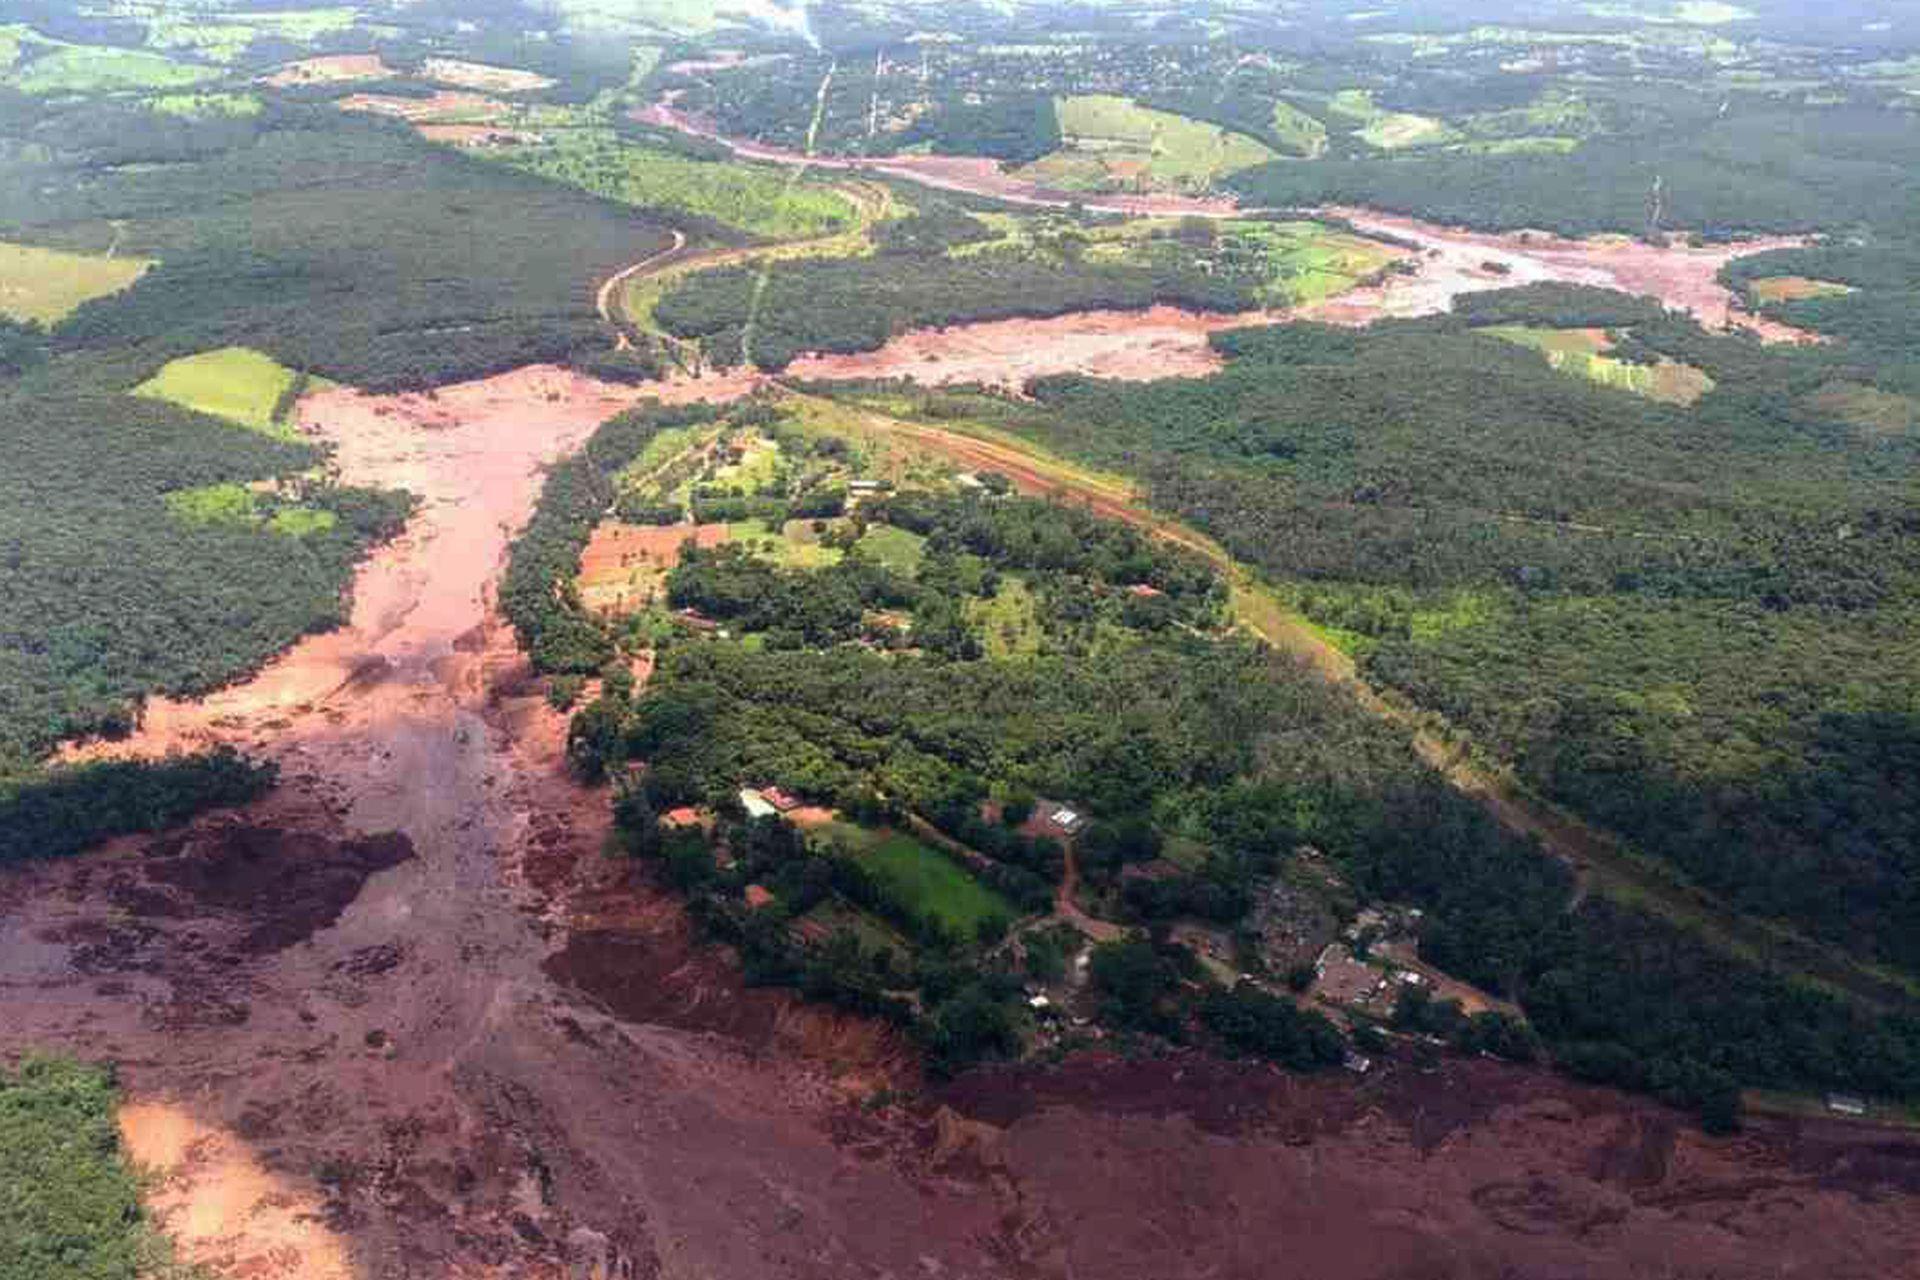 El dique de desechos de una mina se rompió en Brumadinho, en el estado de Minas Gerais, en Brasil